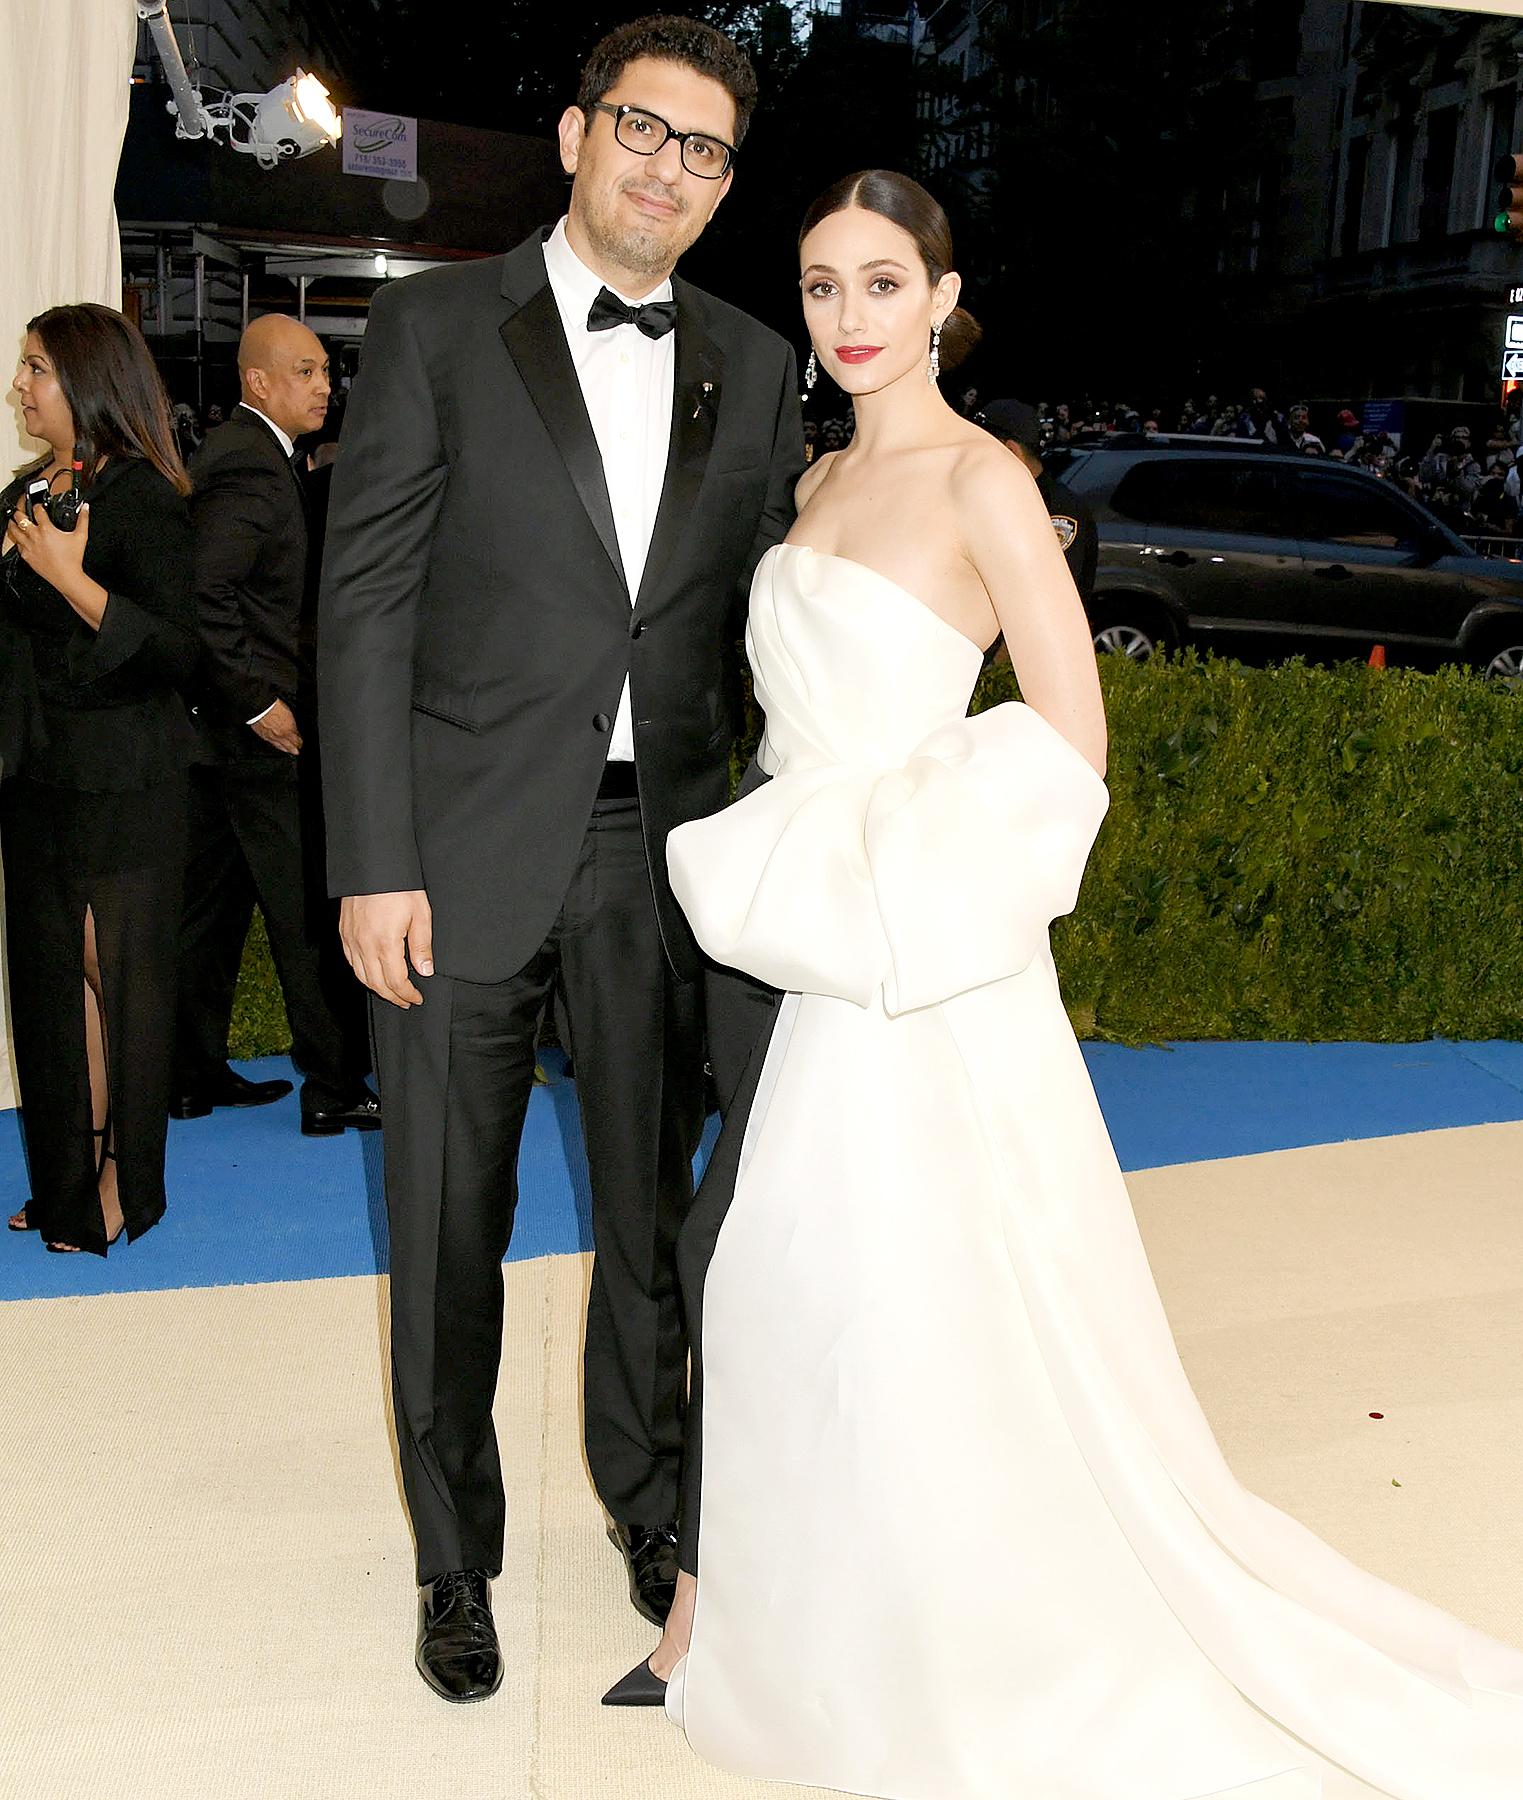 Emmy Rossum Wedding: Emmy Rossum Marries Fiance Sam Esmail